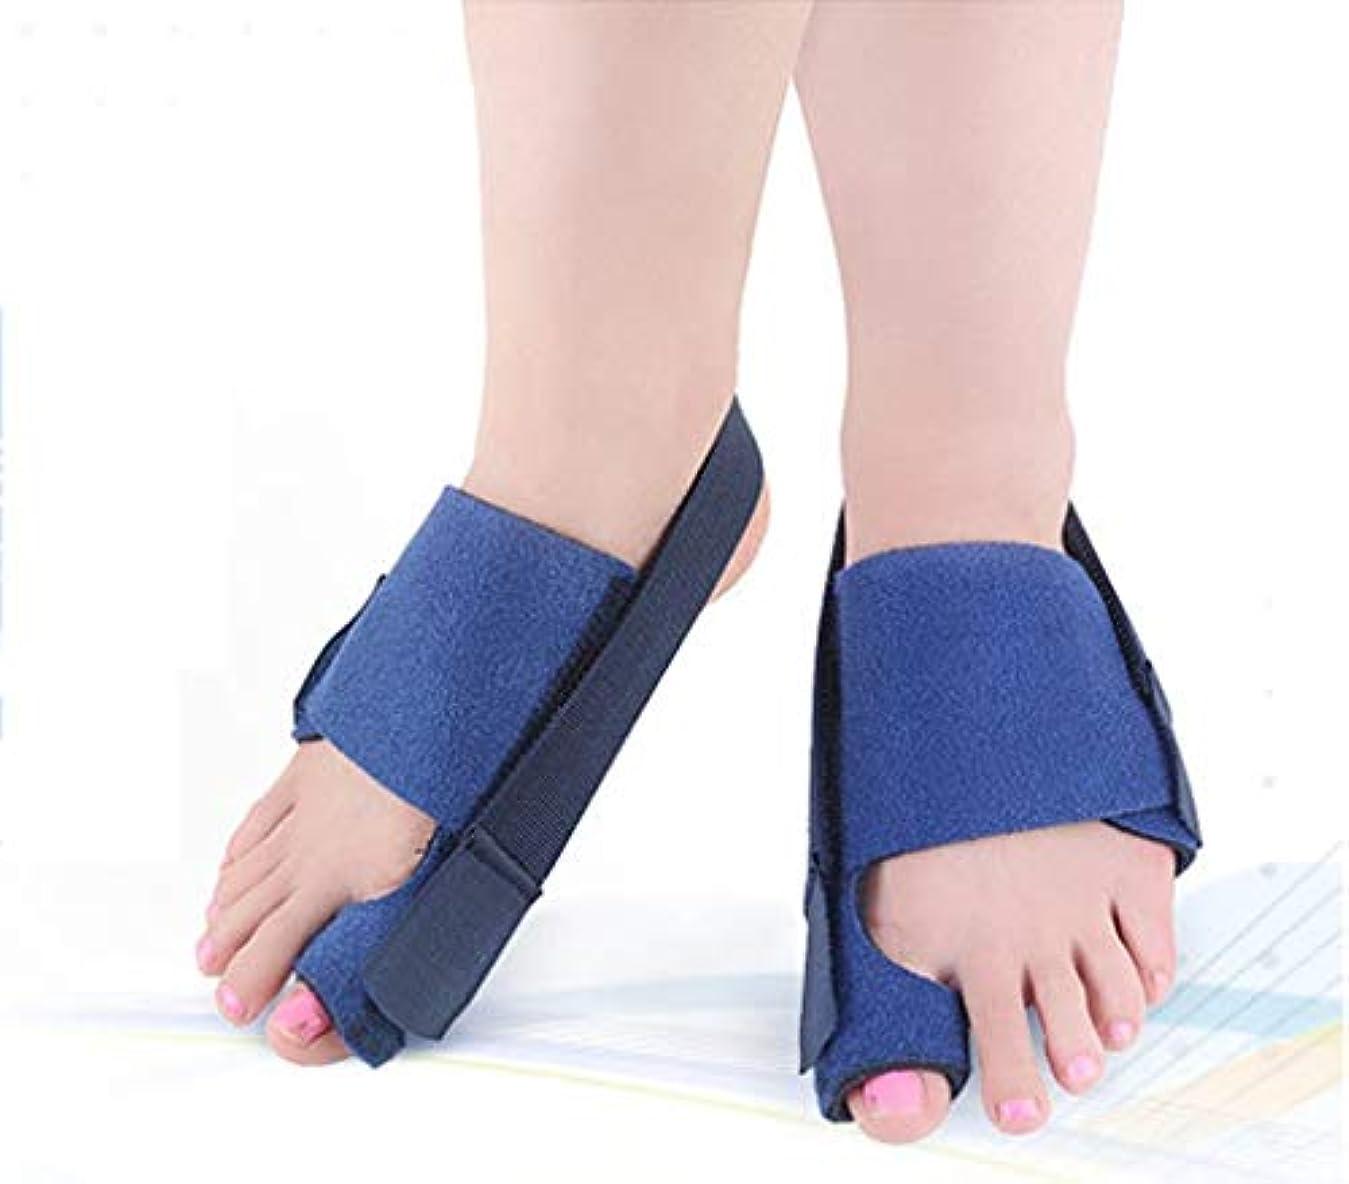 垂直住居狂ったバニオンコレクター  - 整形外科用足首矯正ビッグトゥストレートナー - 外反母趾パッド用副木ブレース、関節痛の緩和、アライメント治療 - 整形外科用スリーブフットラップ